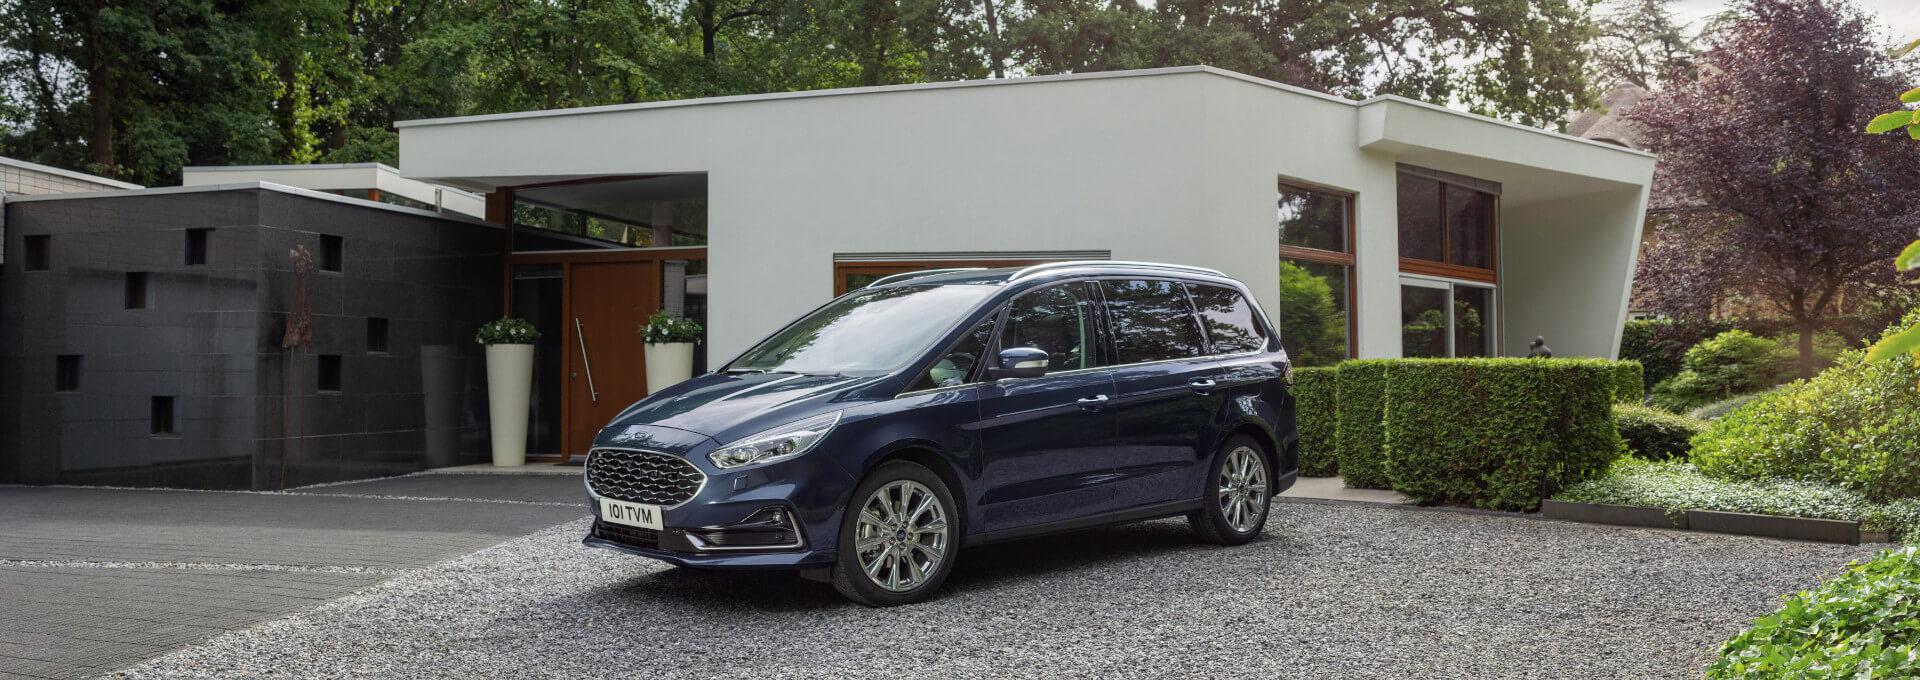 blauer Ford Galaxy Van vor Haus